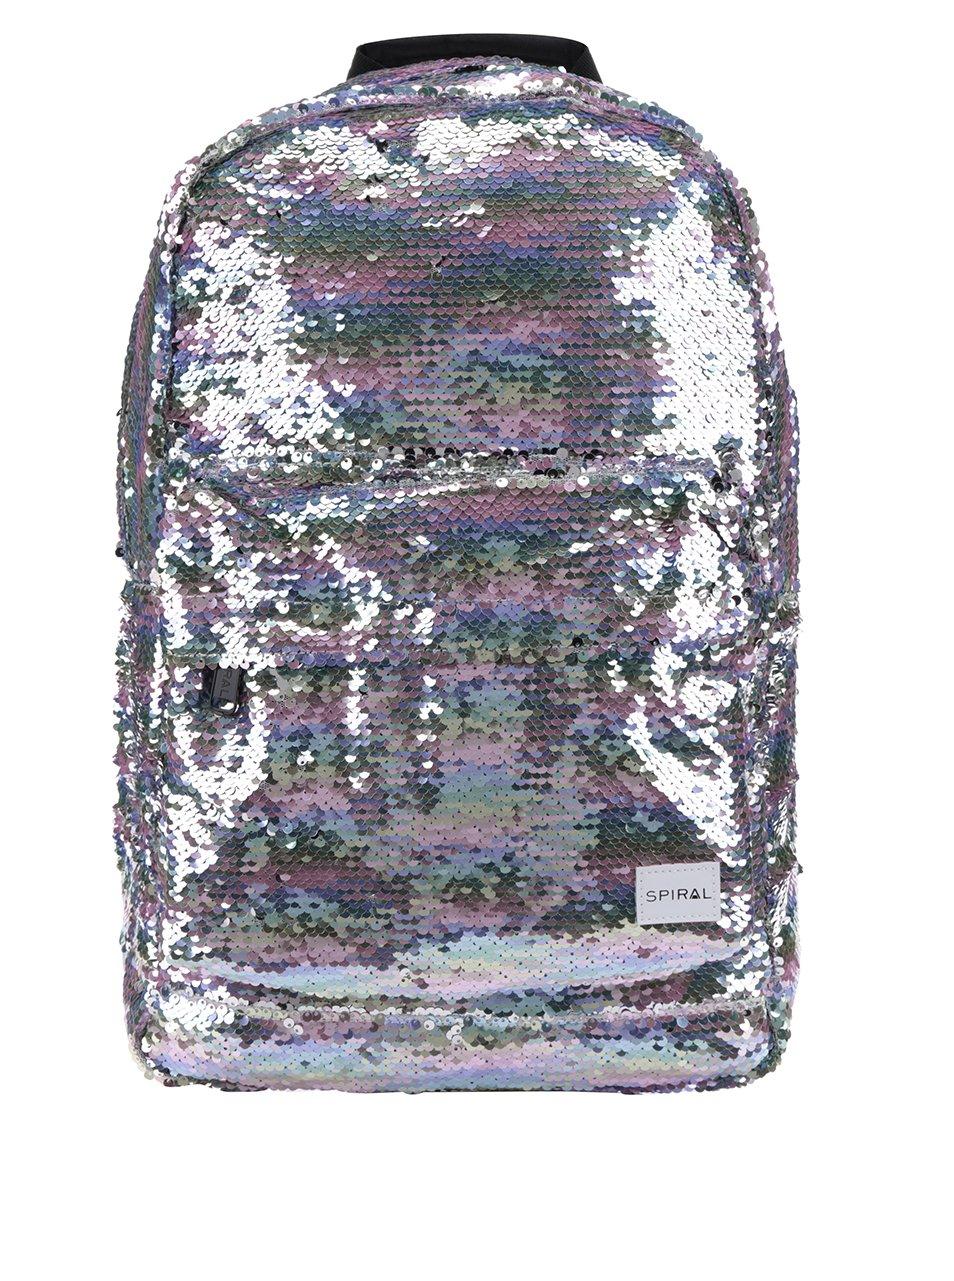 Dámský batoh s metalickými odlesky a flitry Spiral 18 l